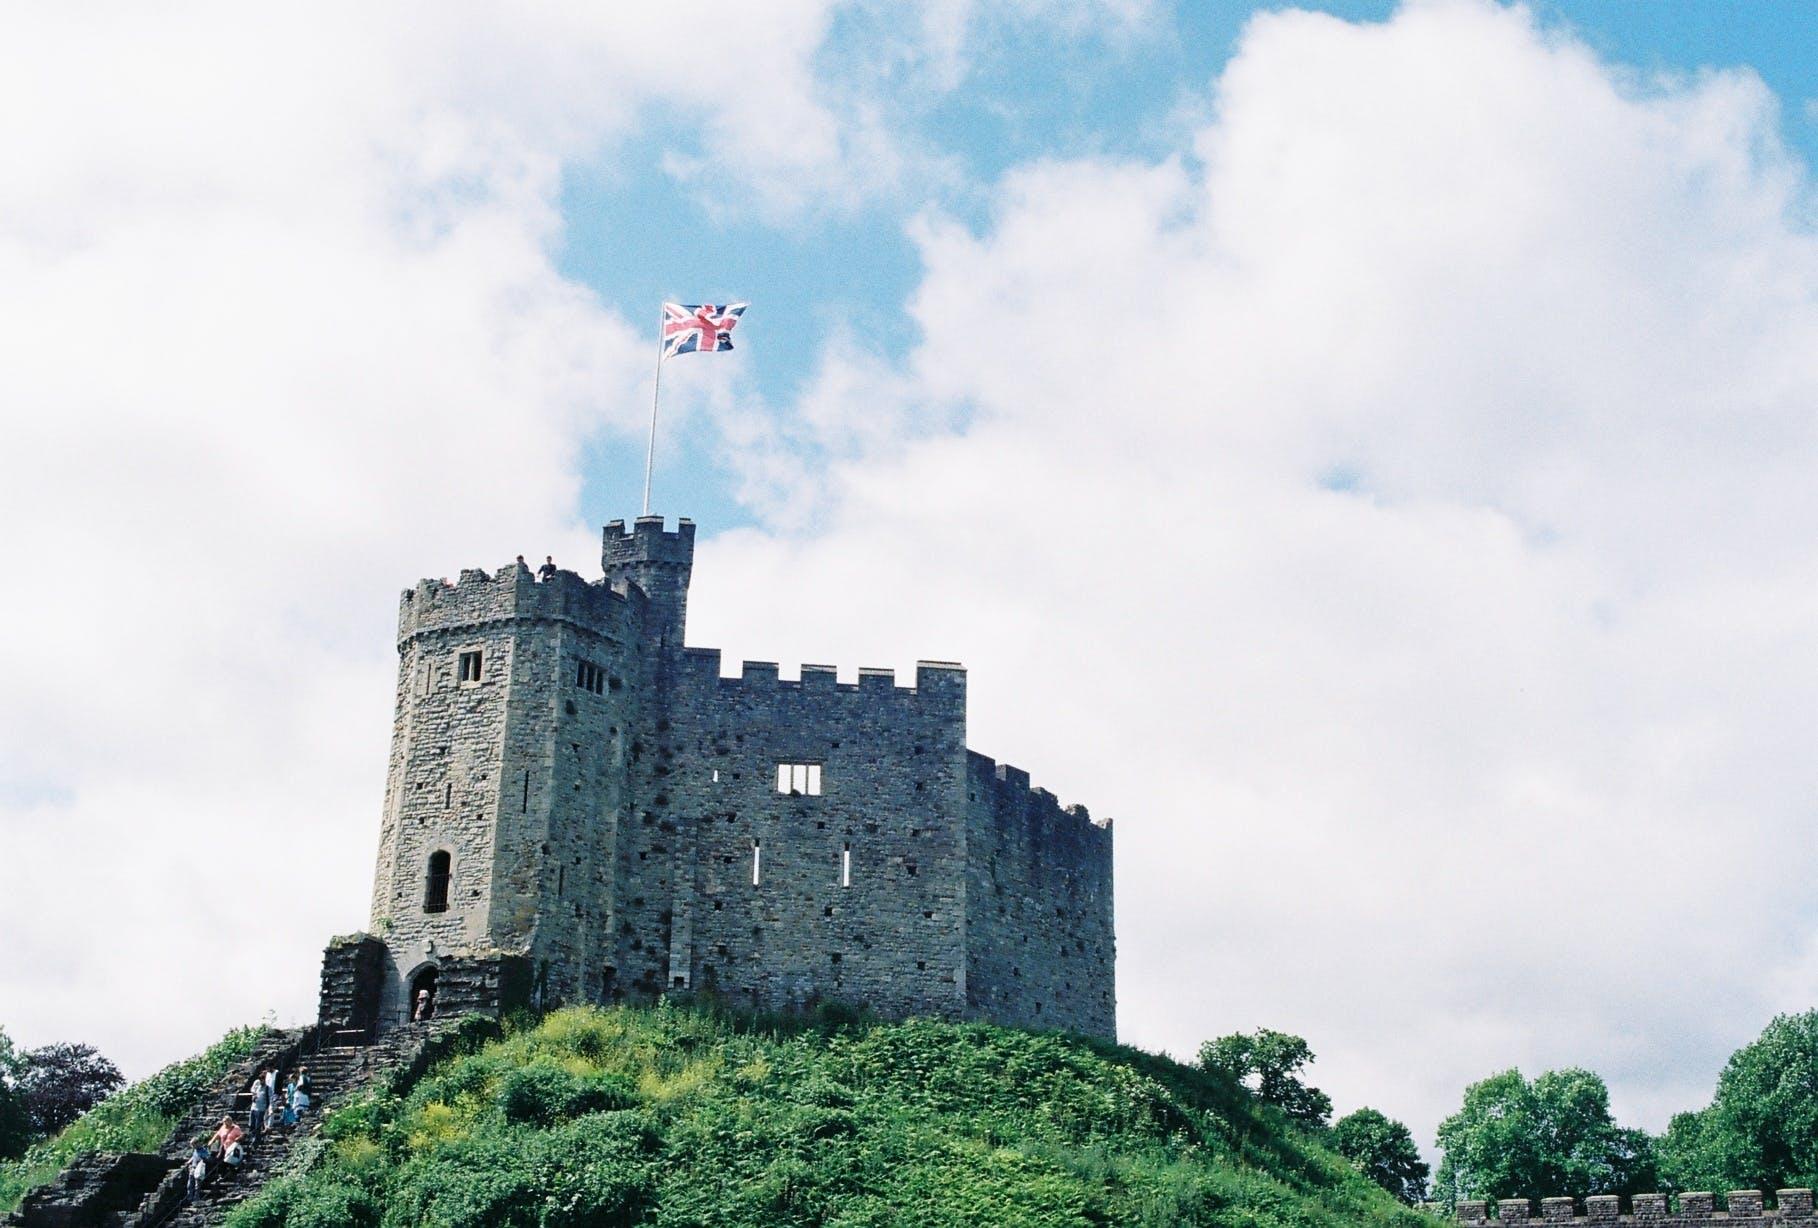 Základová fotografie zdarma na téma Anglie, architektura, Británie, budova